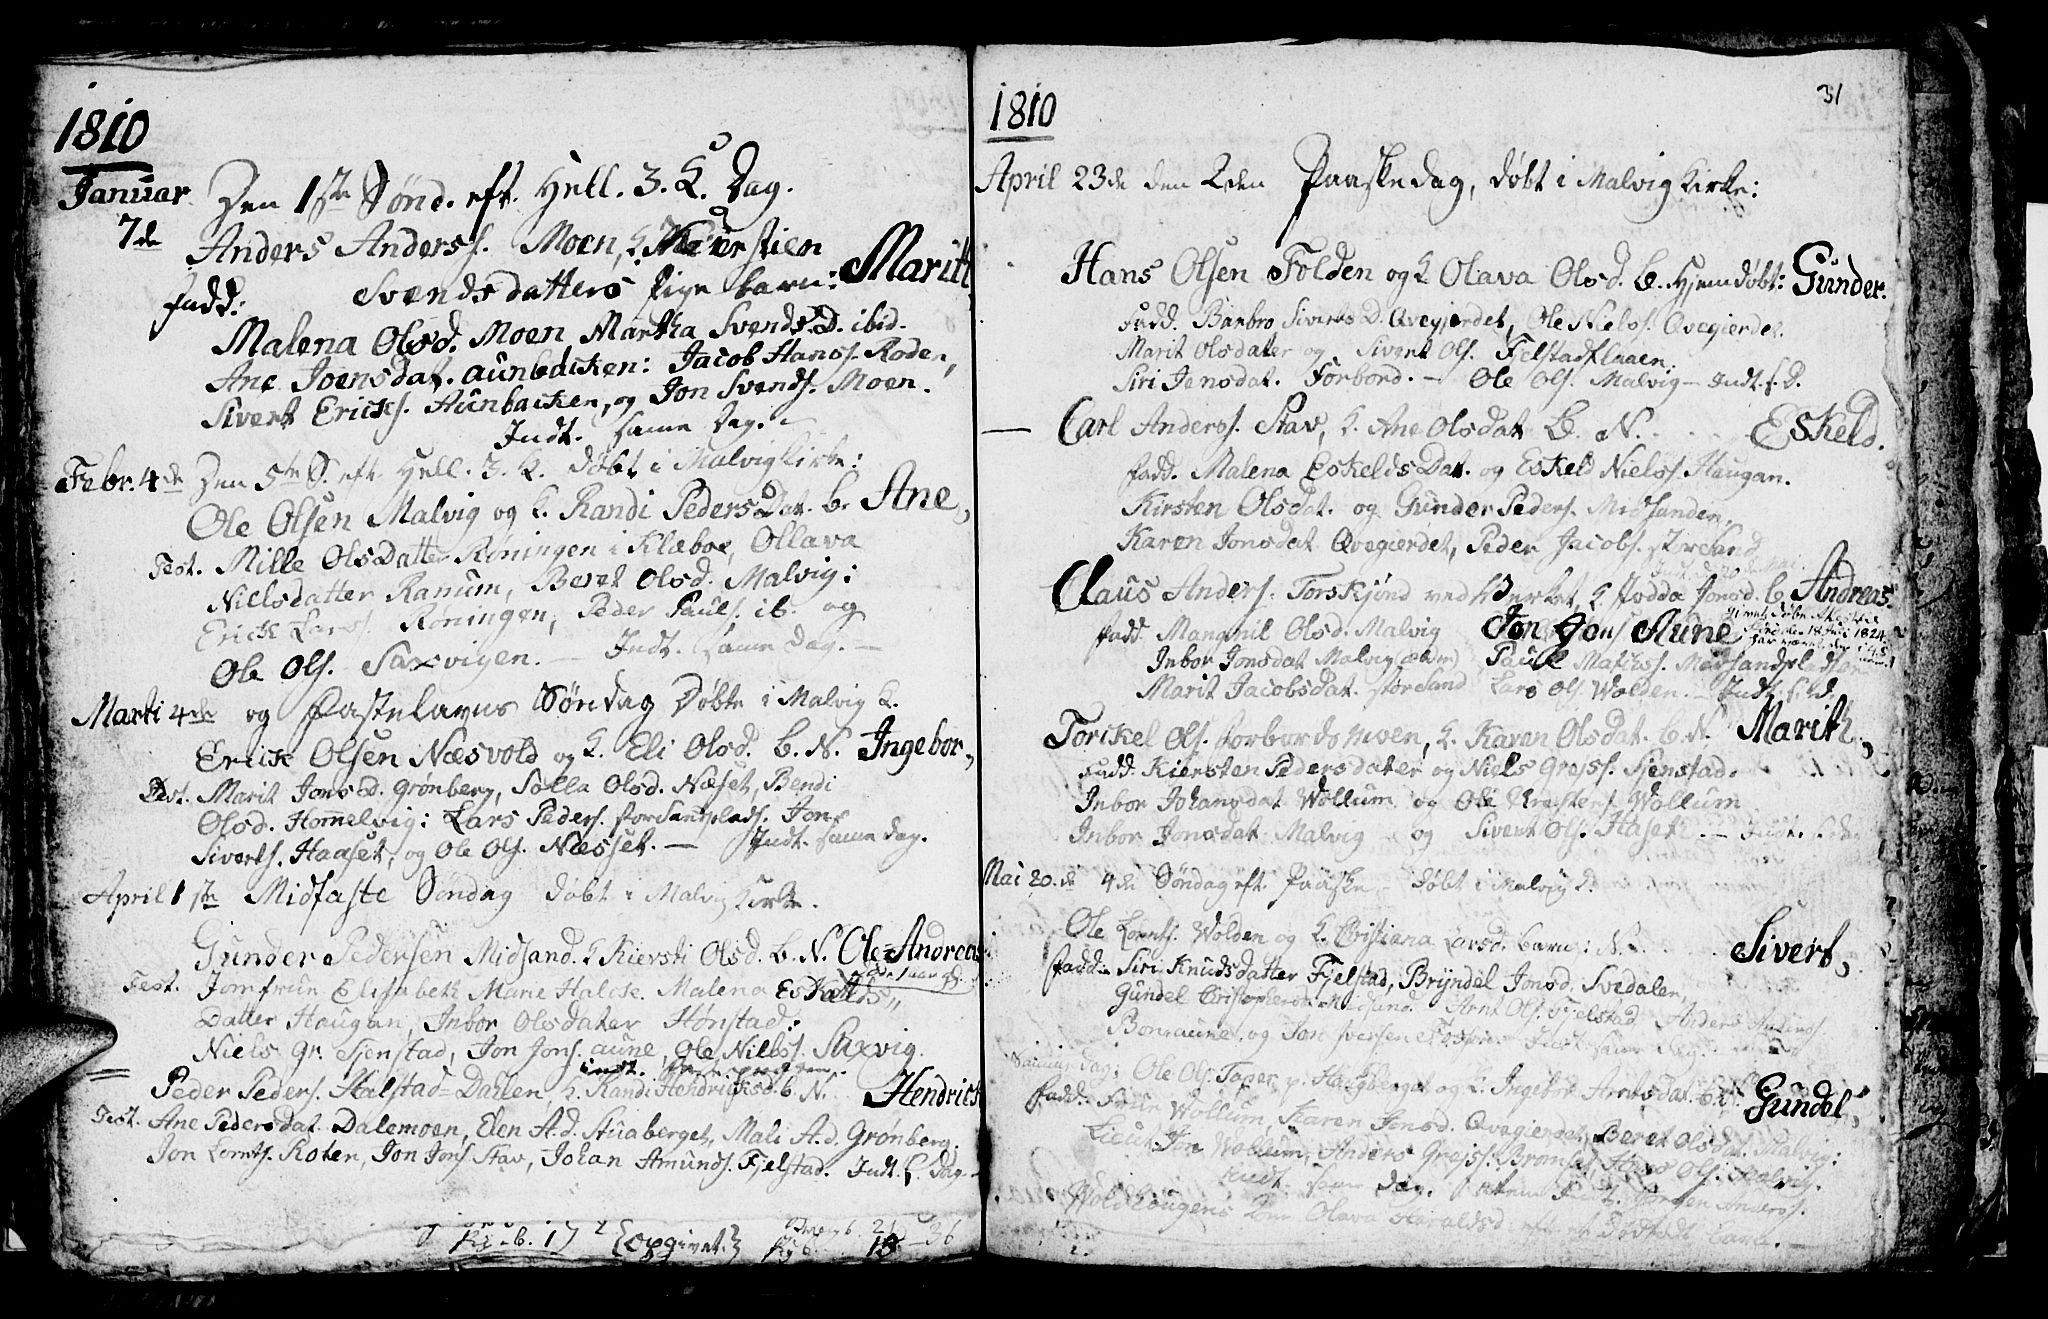 SAT, Ministerialprotokoller, klokkerbøker og fødselsregistre - Sør-Trøndelag, 616/L0419: Klokkerbok nr. 616C02, 1797-1816, s. 31